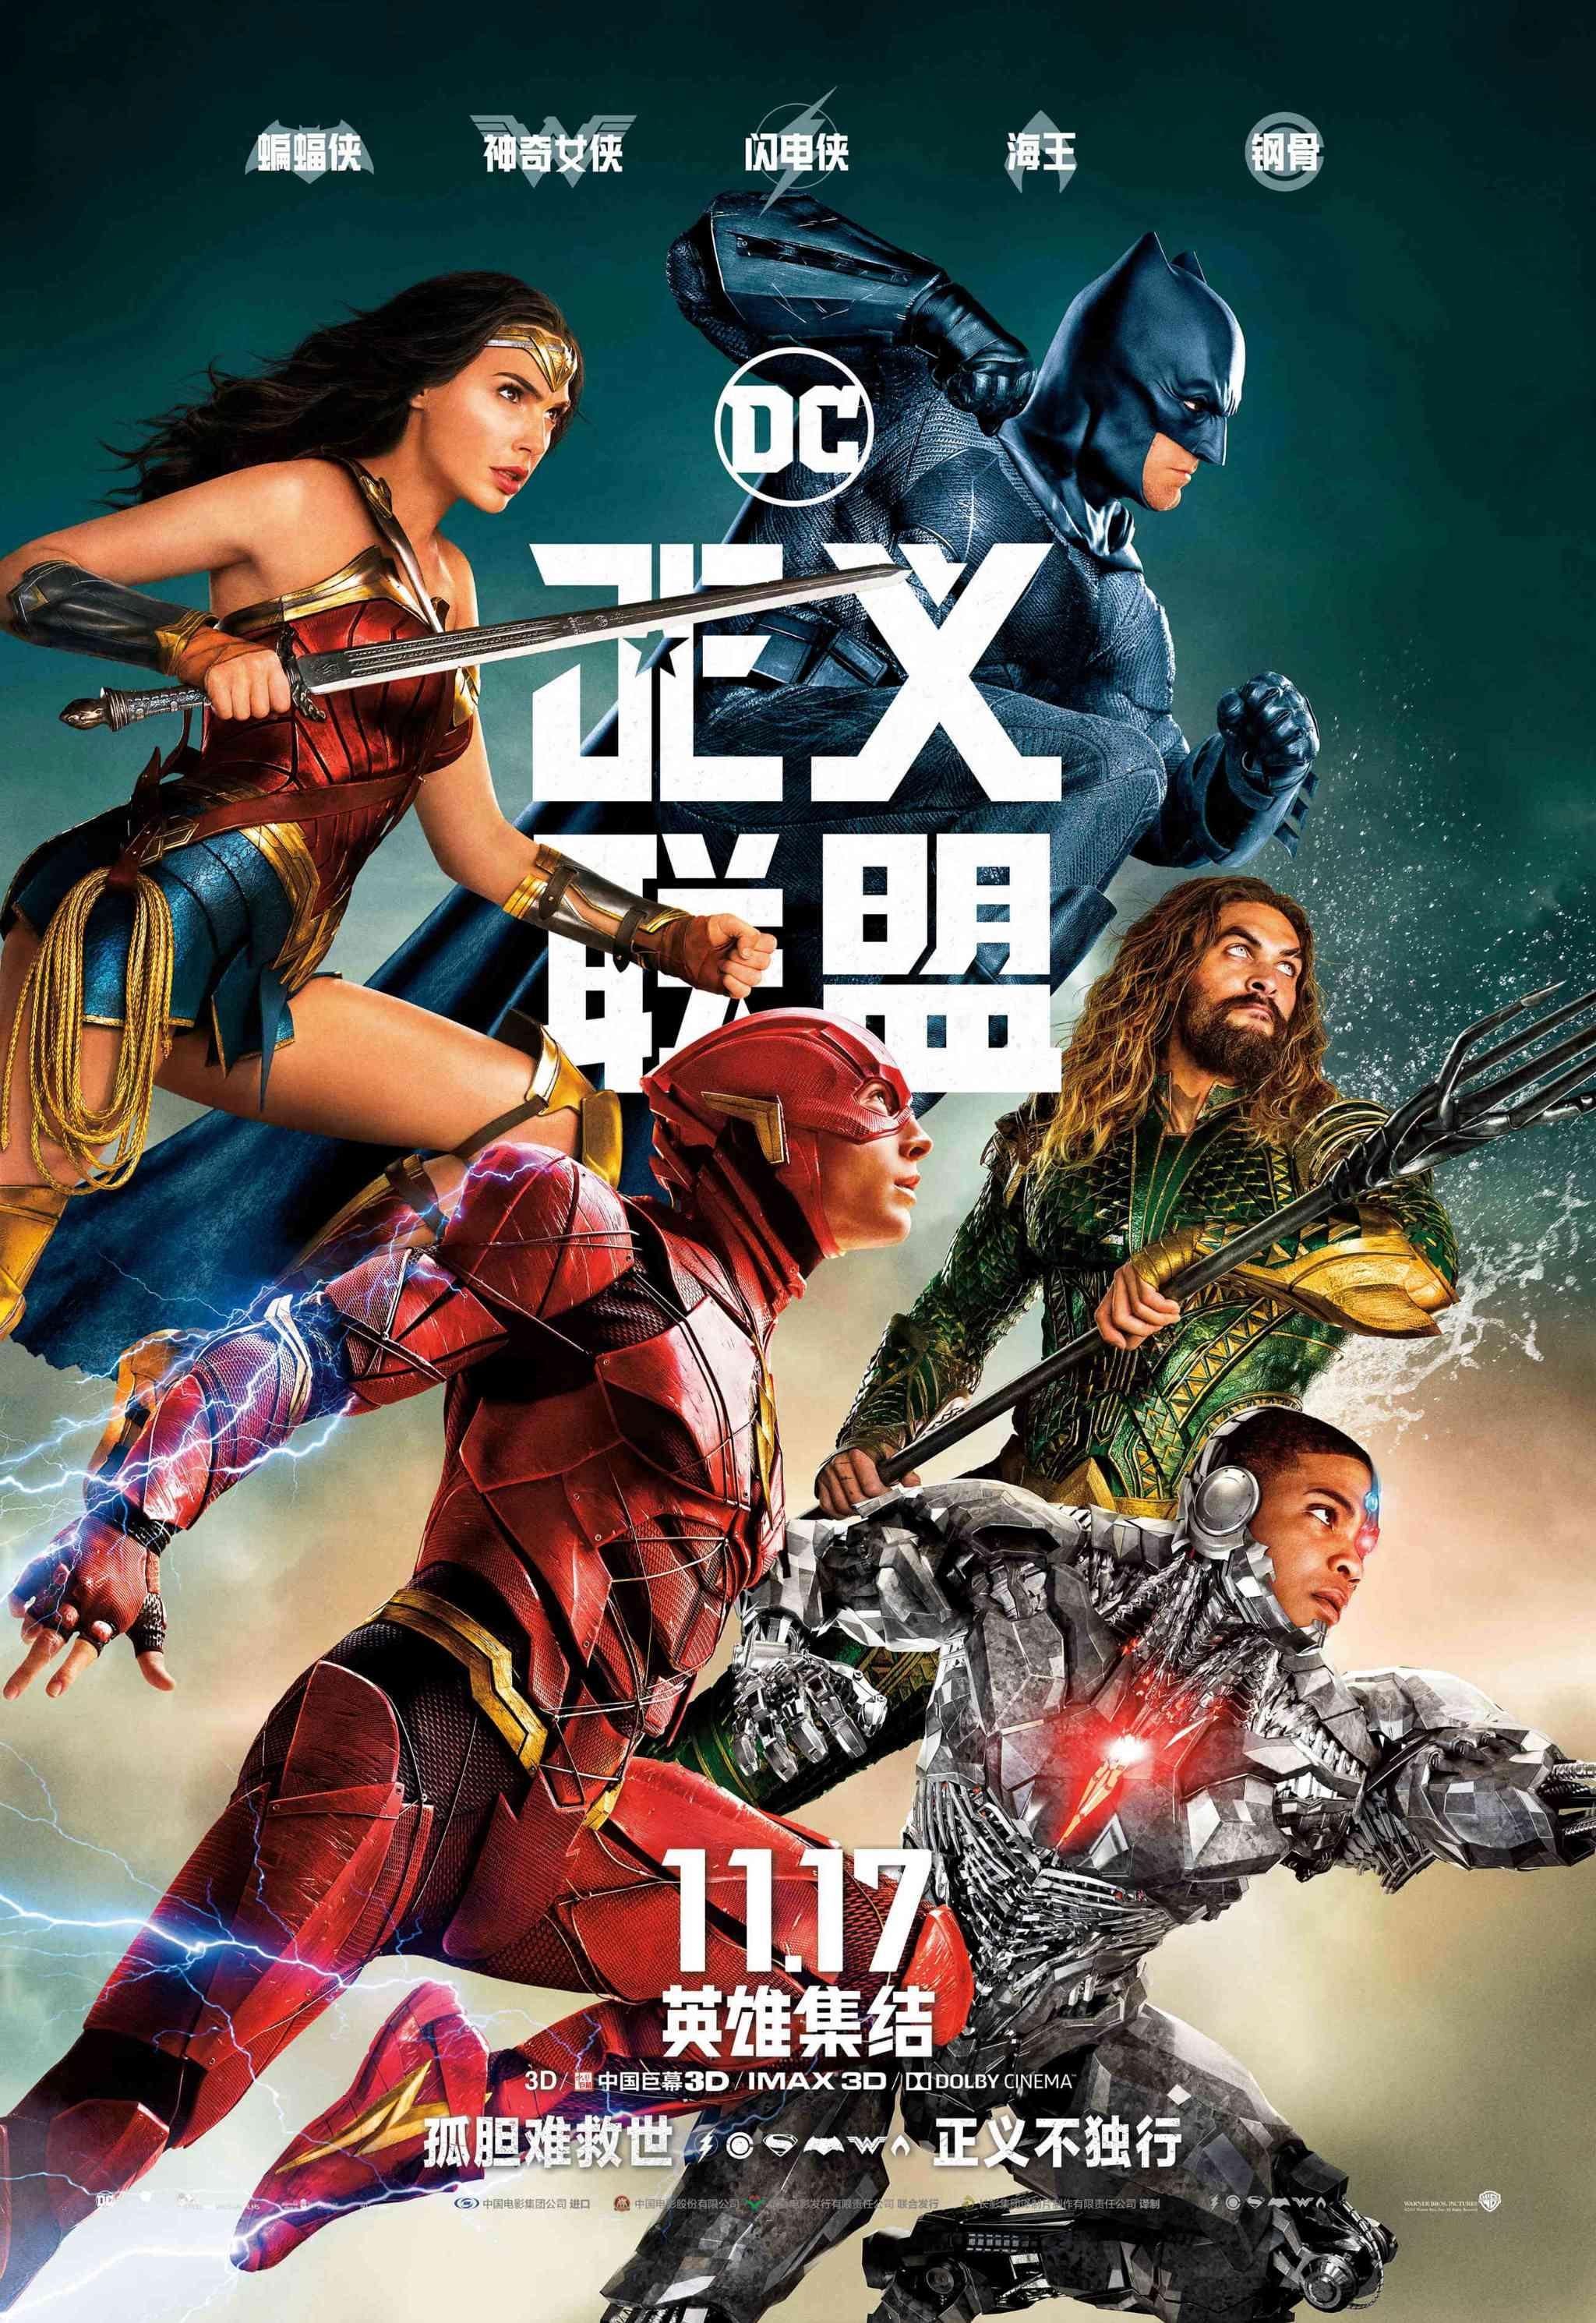 正义联盟 [更新3D蓝光原盘,漫画我支持DC,但这部电影,我在电影院咪着了三次....]